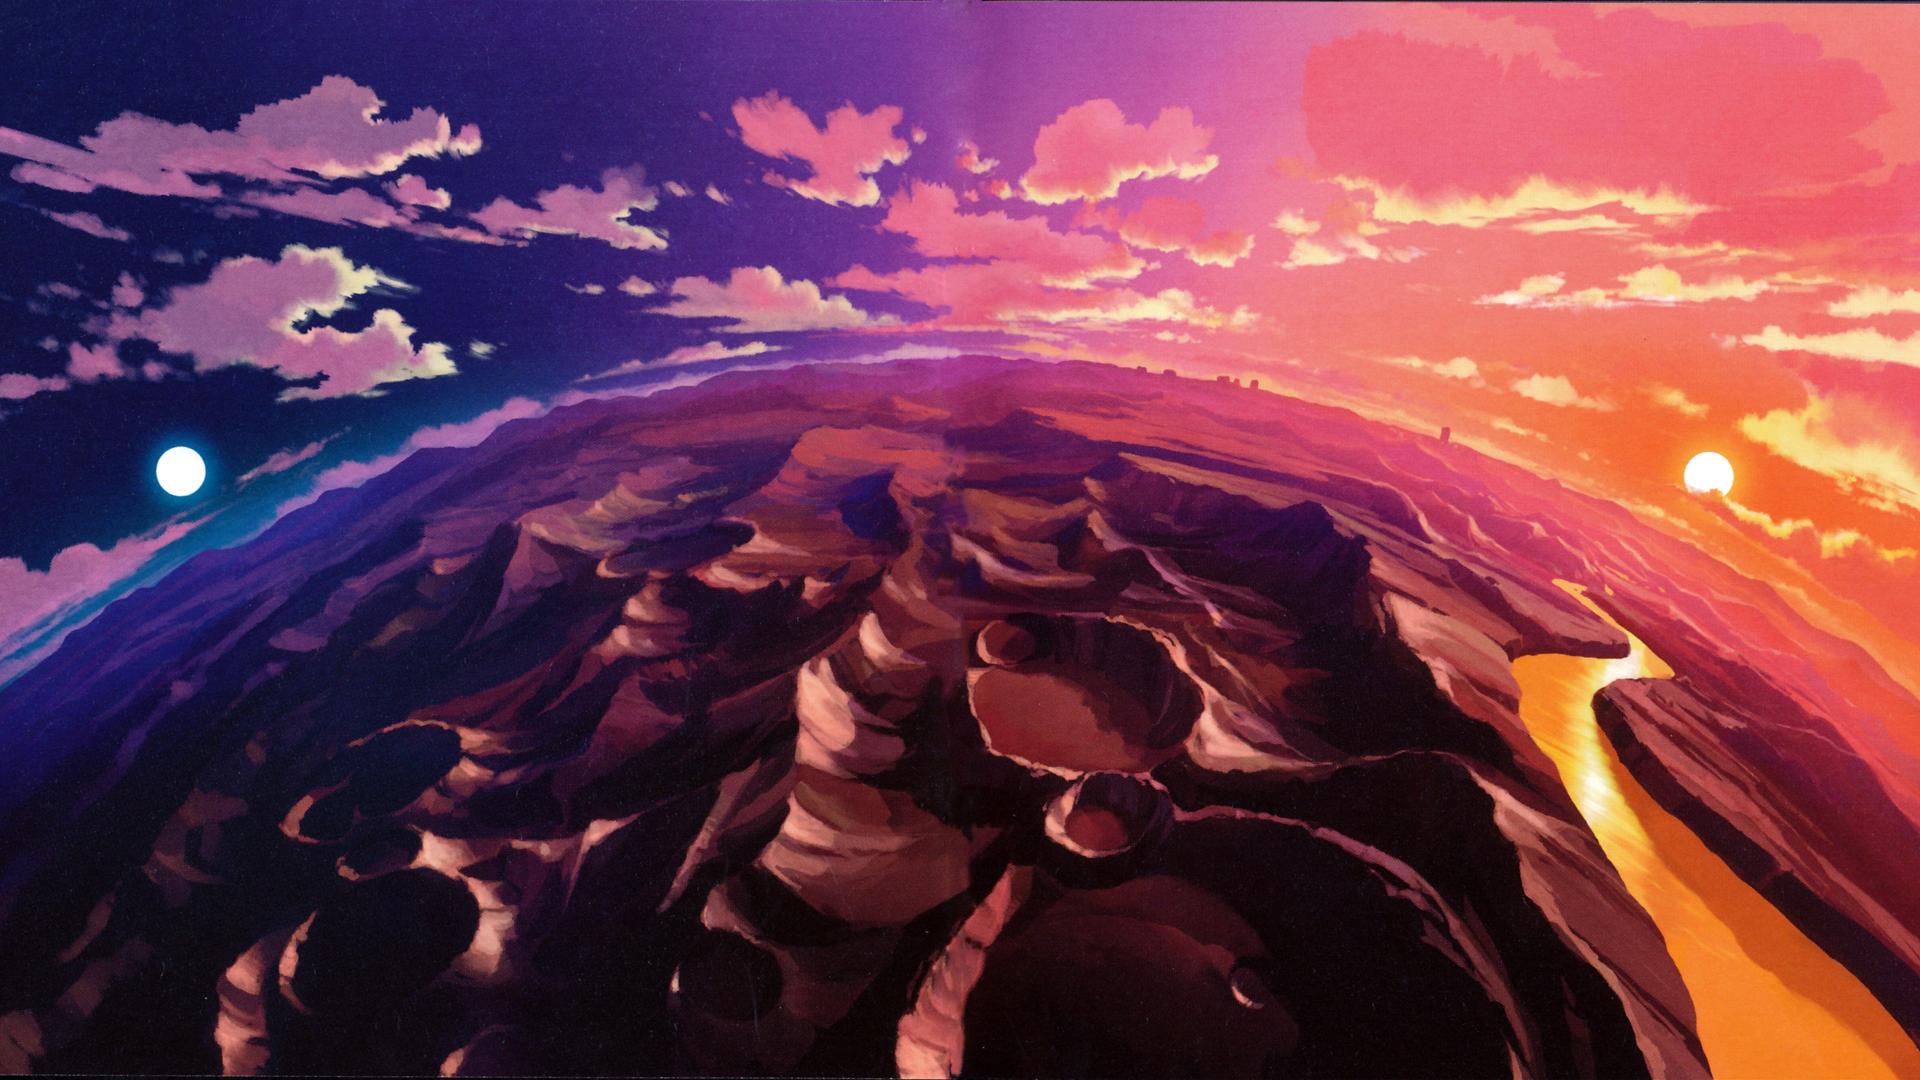 Gurren Lagann Yoko Hd Wallpaper 1